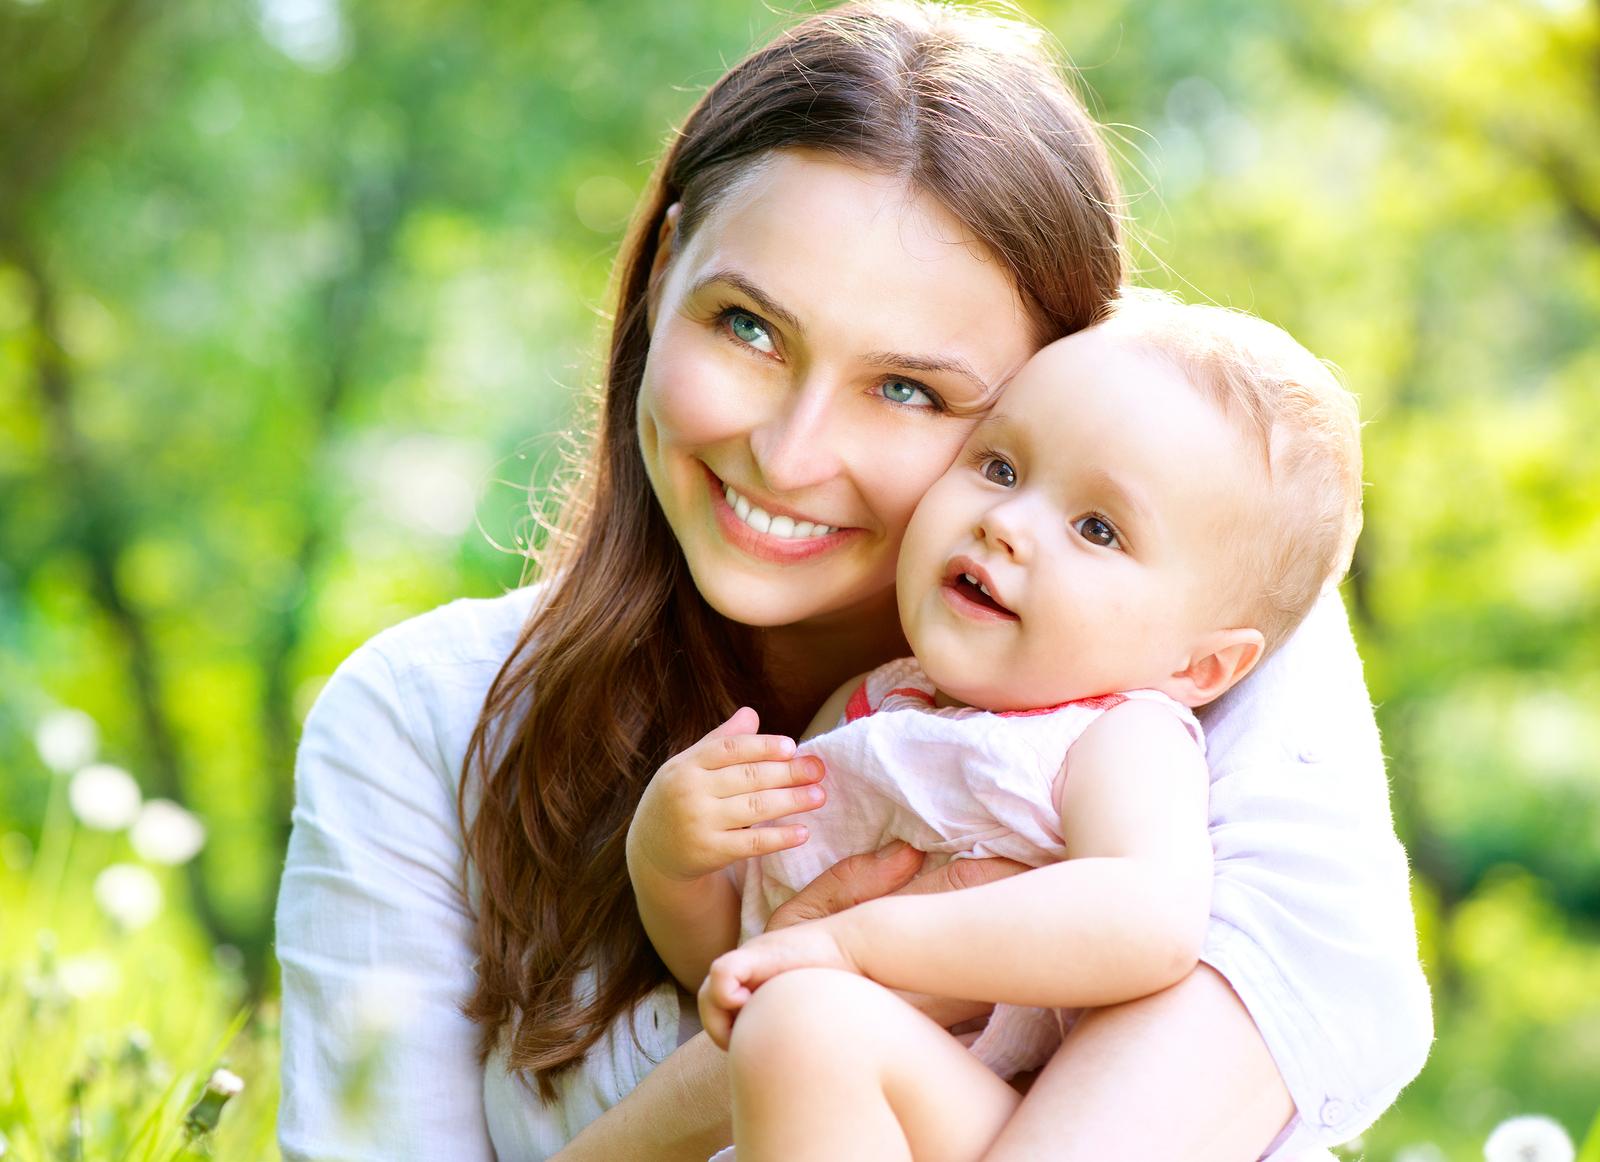 Мама с ребенком в картинках, маше сестры